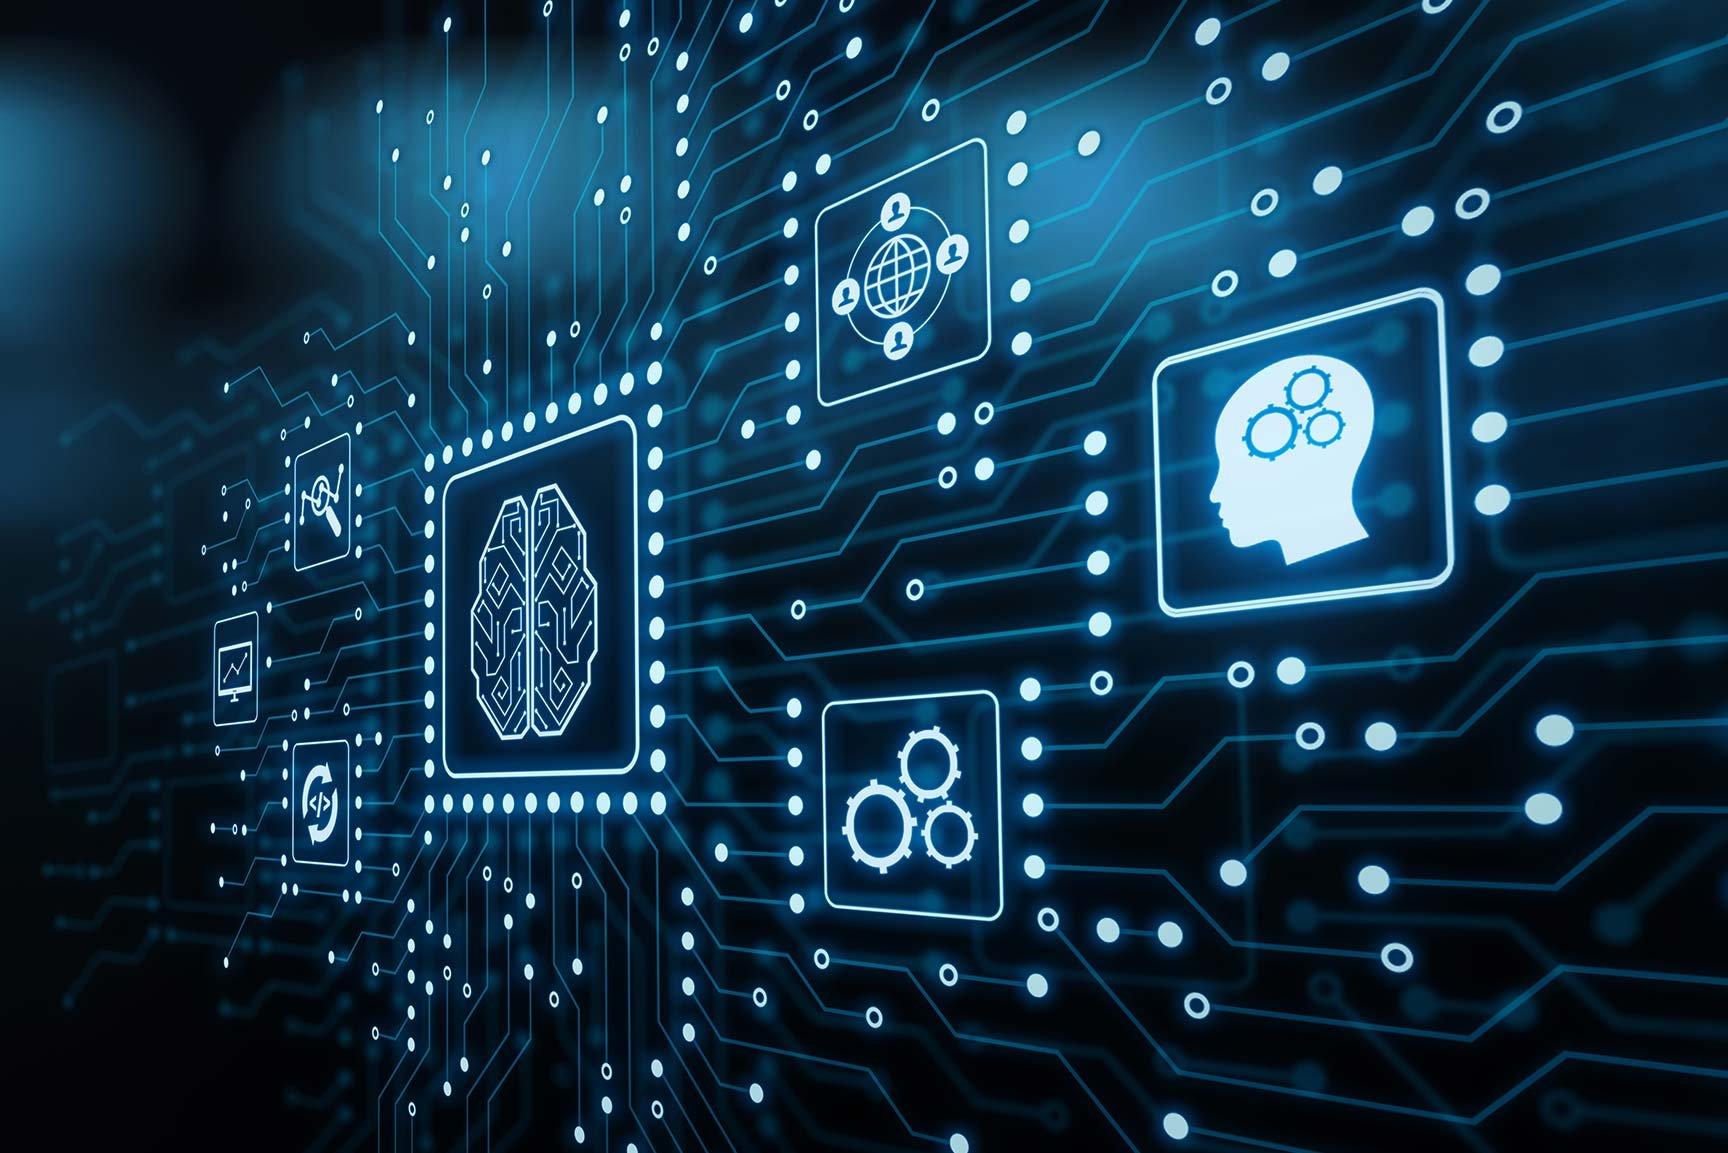 Seguridad y machine learning: 3 ejemplos de ataques cibernéticos